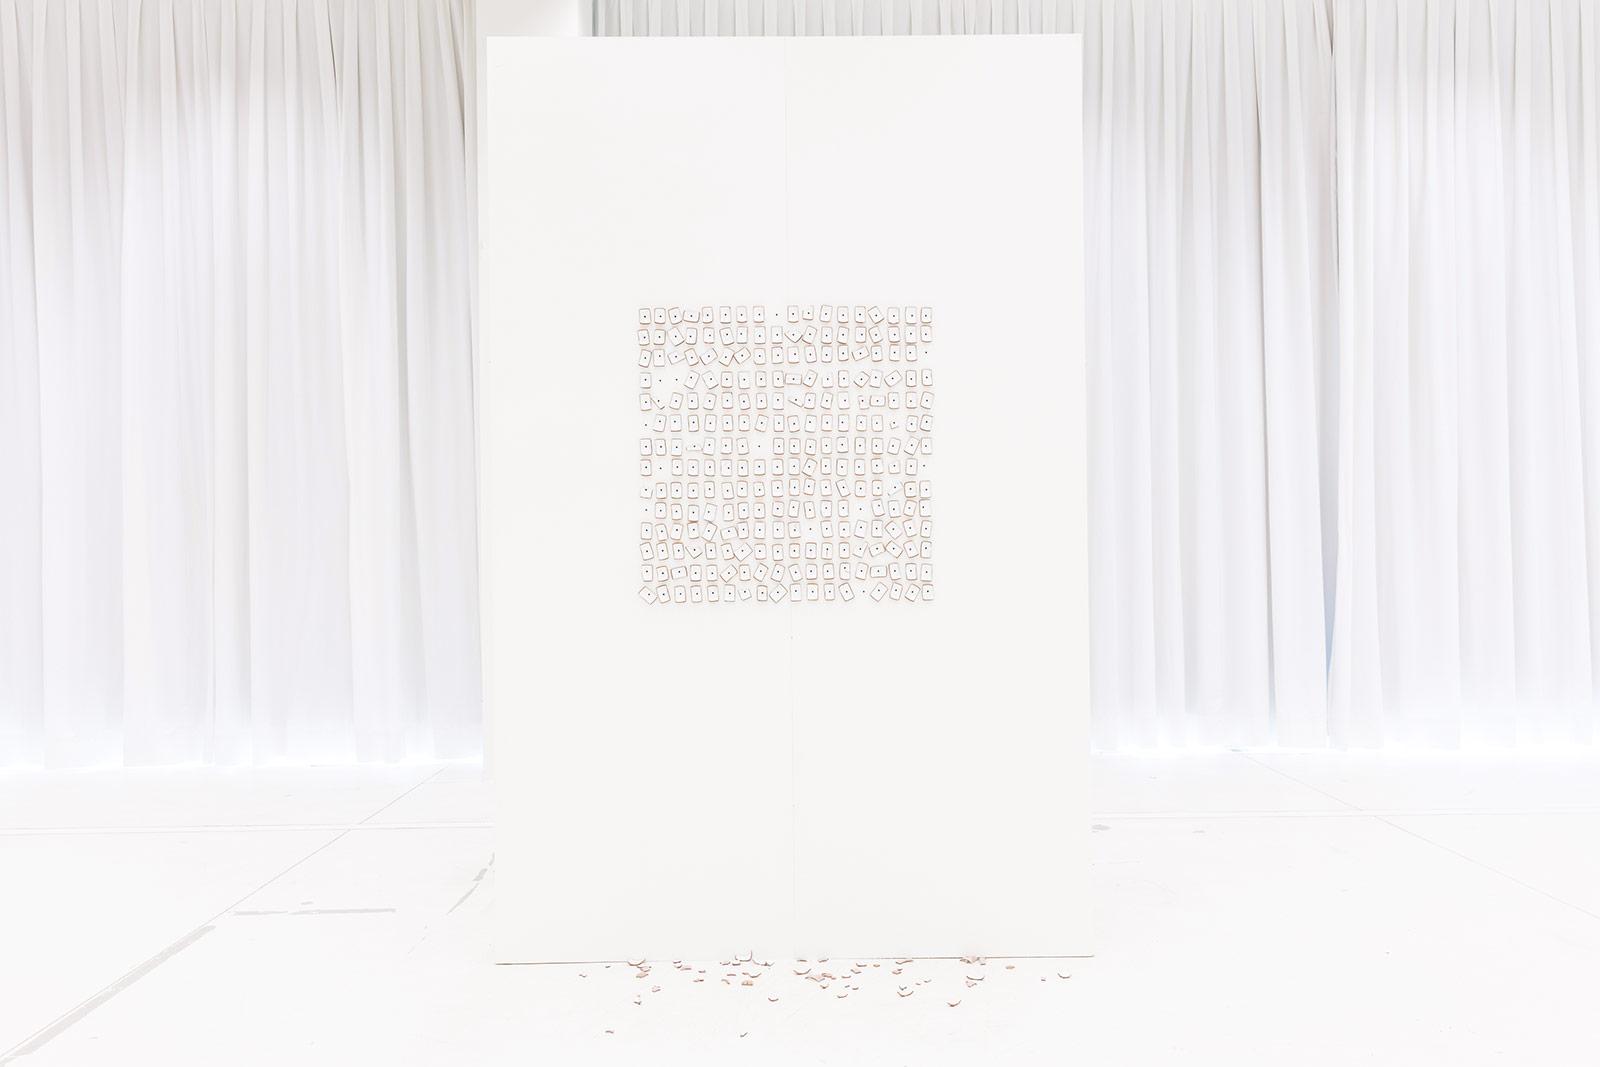 Etienne Maissen «Untitled» | LGK Lehrberufe für Gestaltung und Kunst, Diplom 2016,